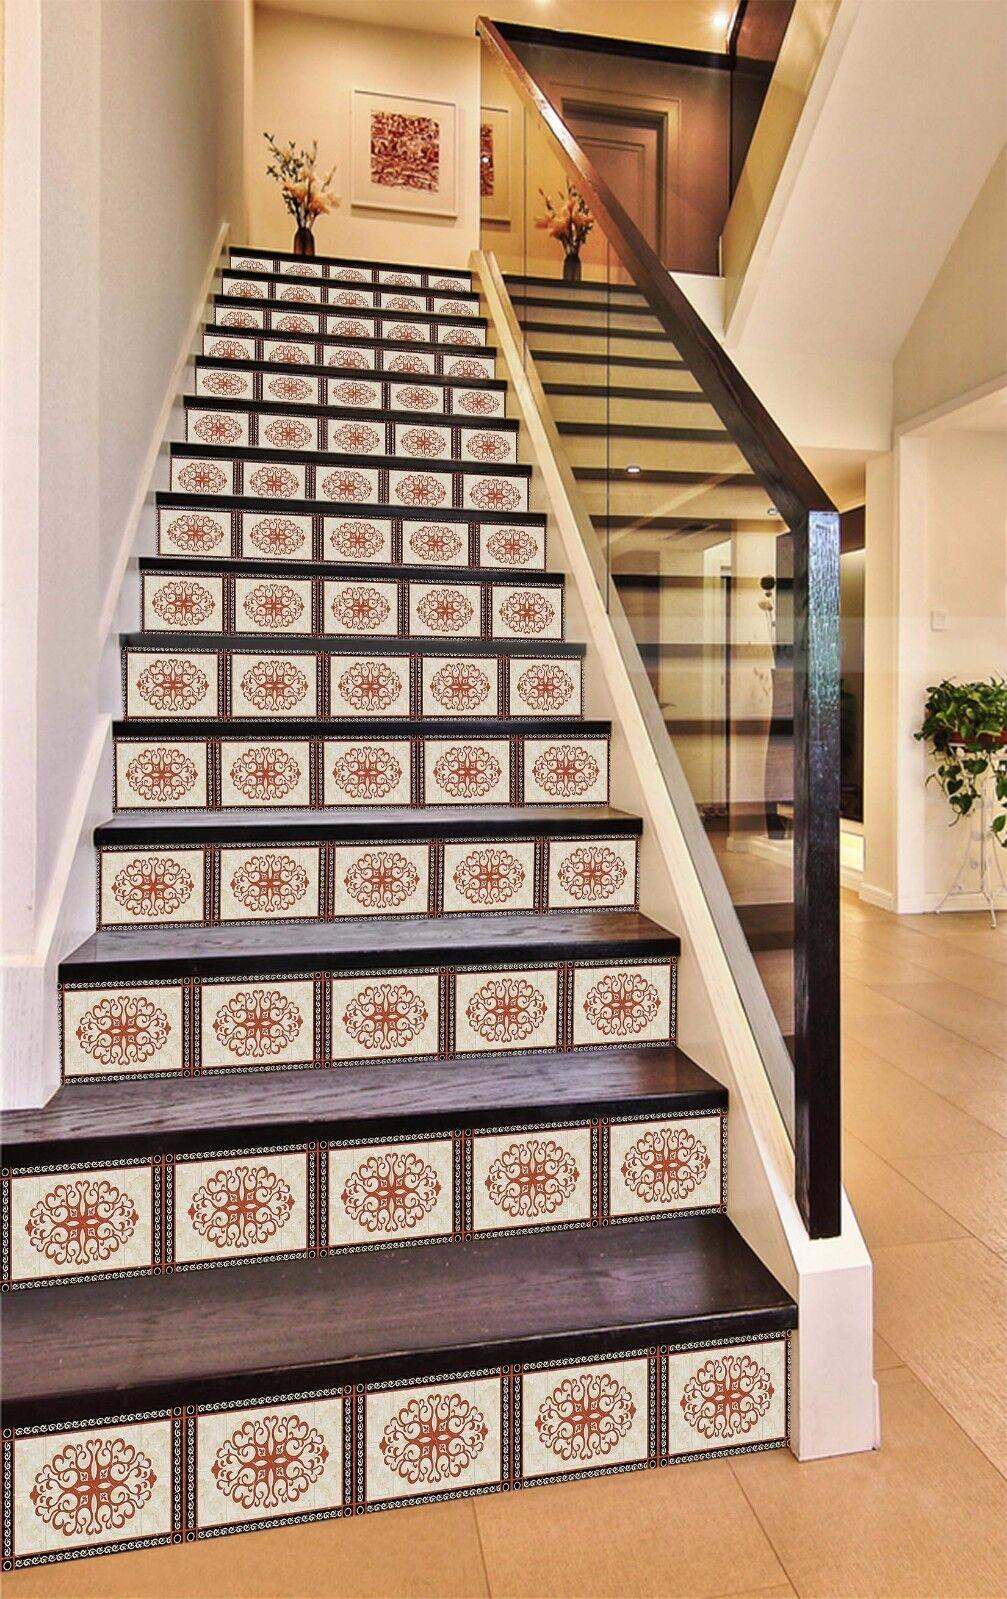 3D Rebemuster 3821 Stair Risers Dekoration Fototapete Vinyl Aufkleber Tapete DE